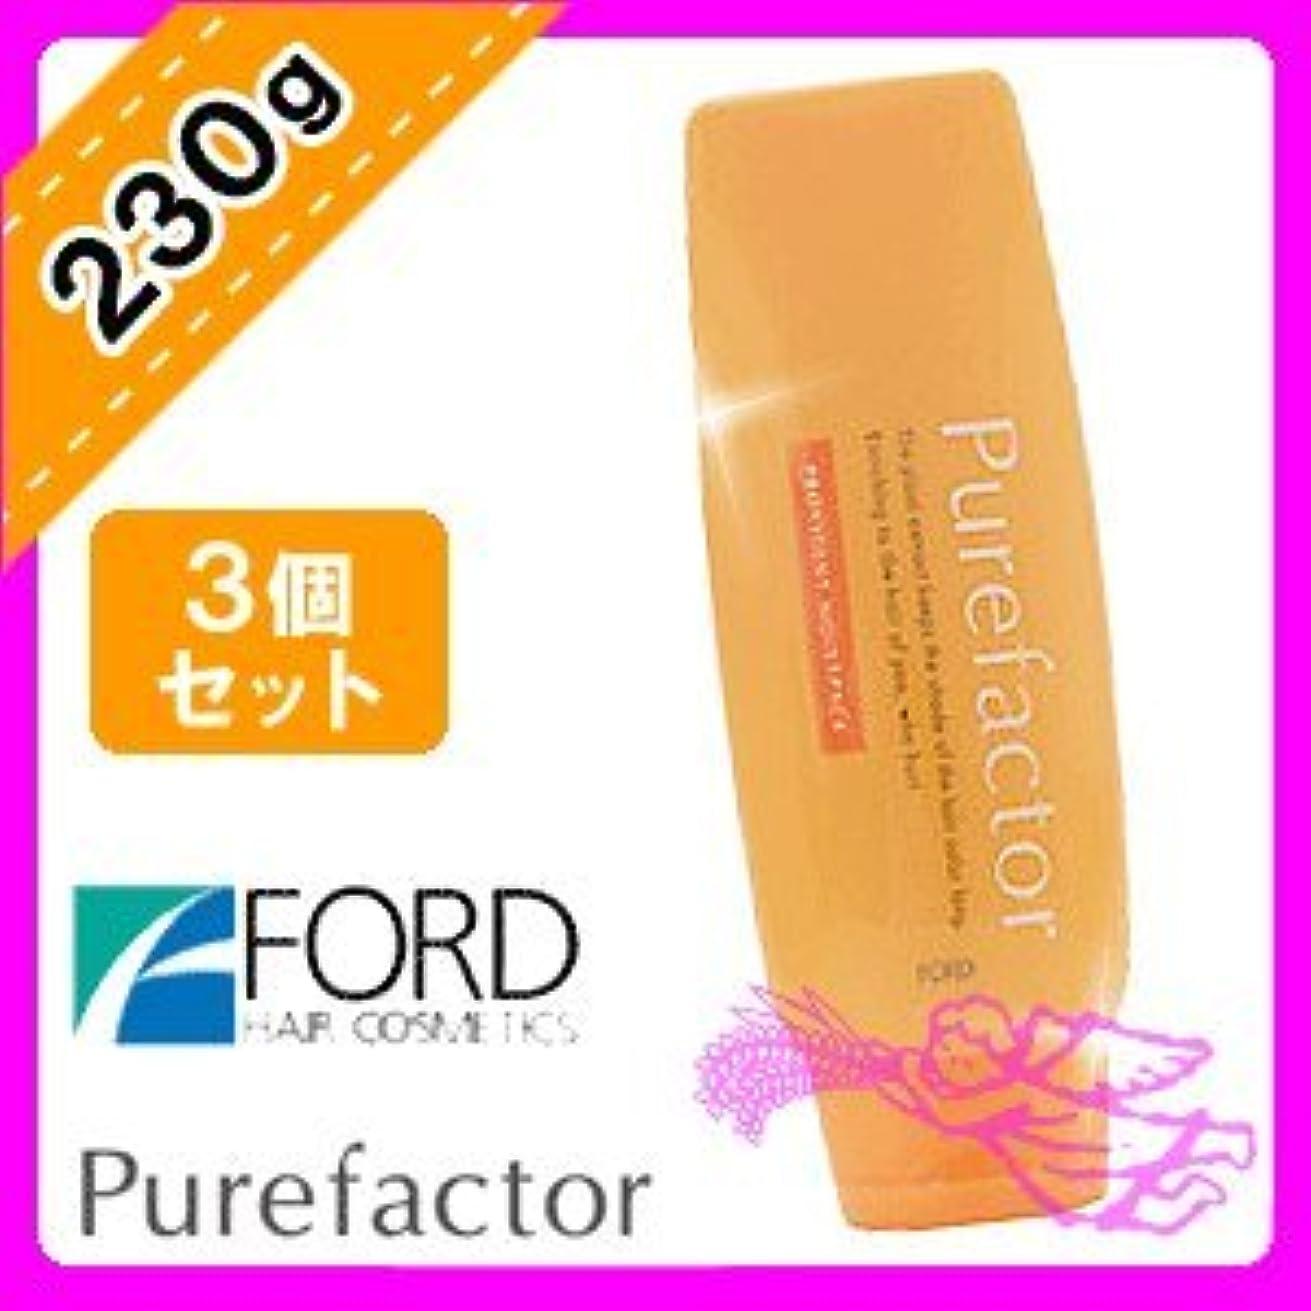 キルス作詞家良さフォード ピュアファクター モイストパック 230g ×3個 セット FORD Pure factor